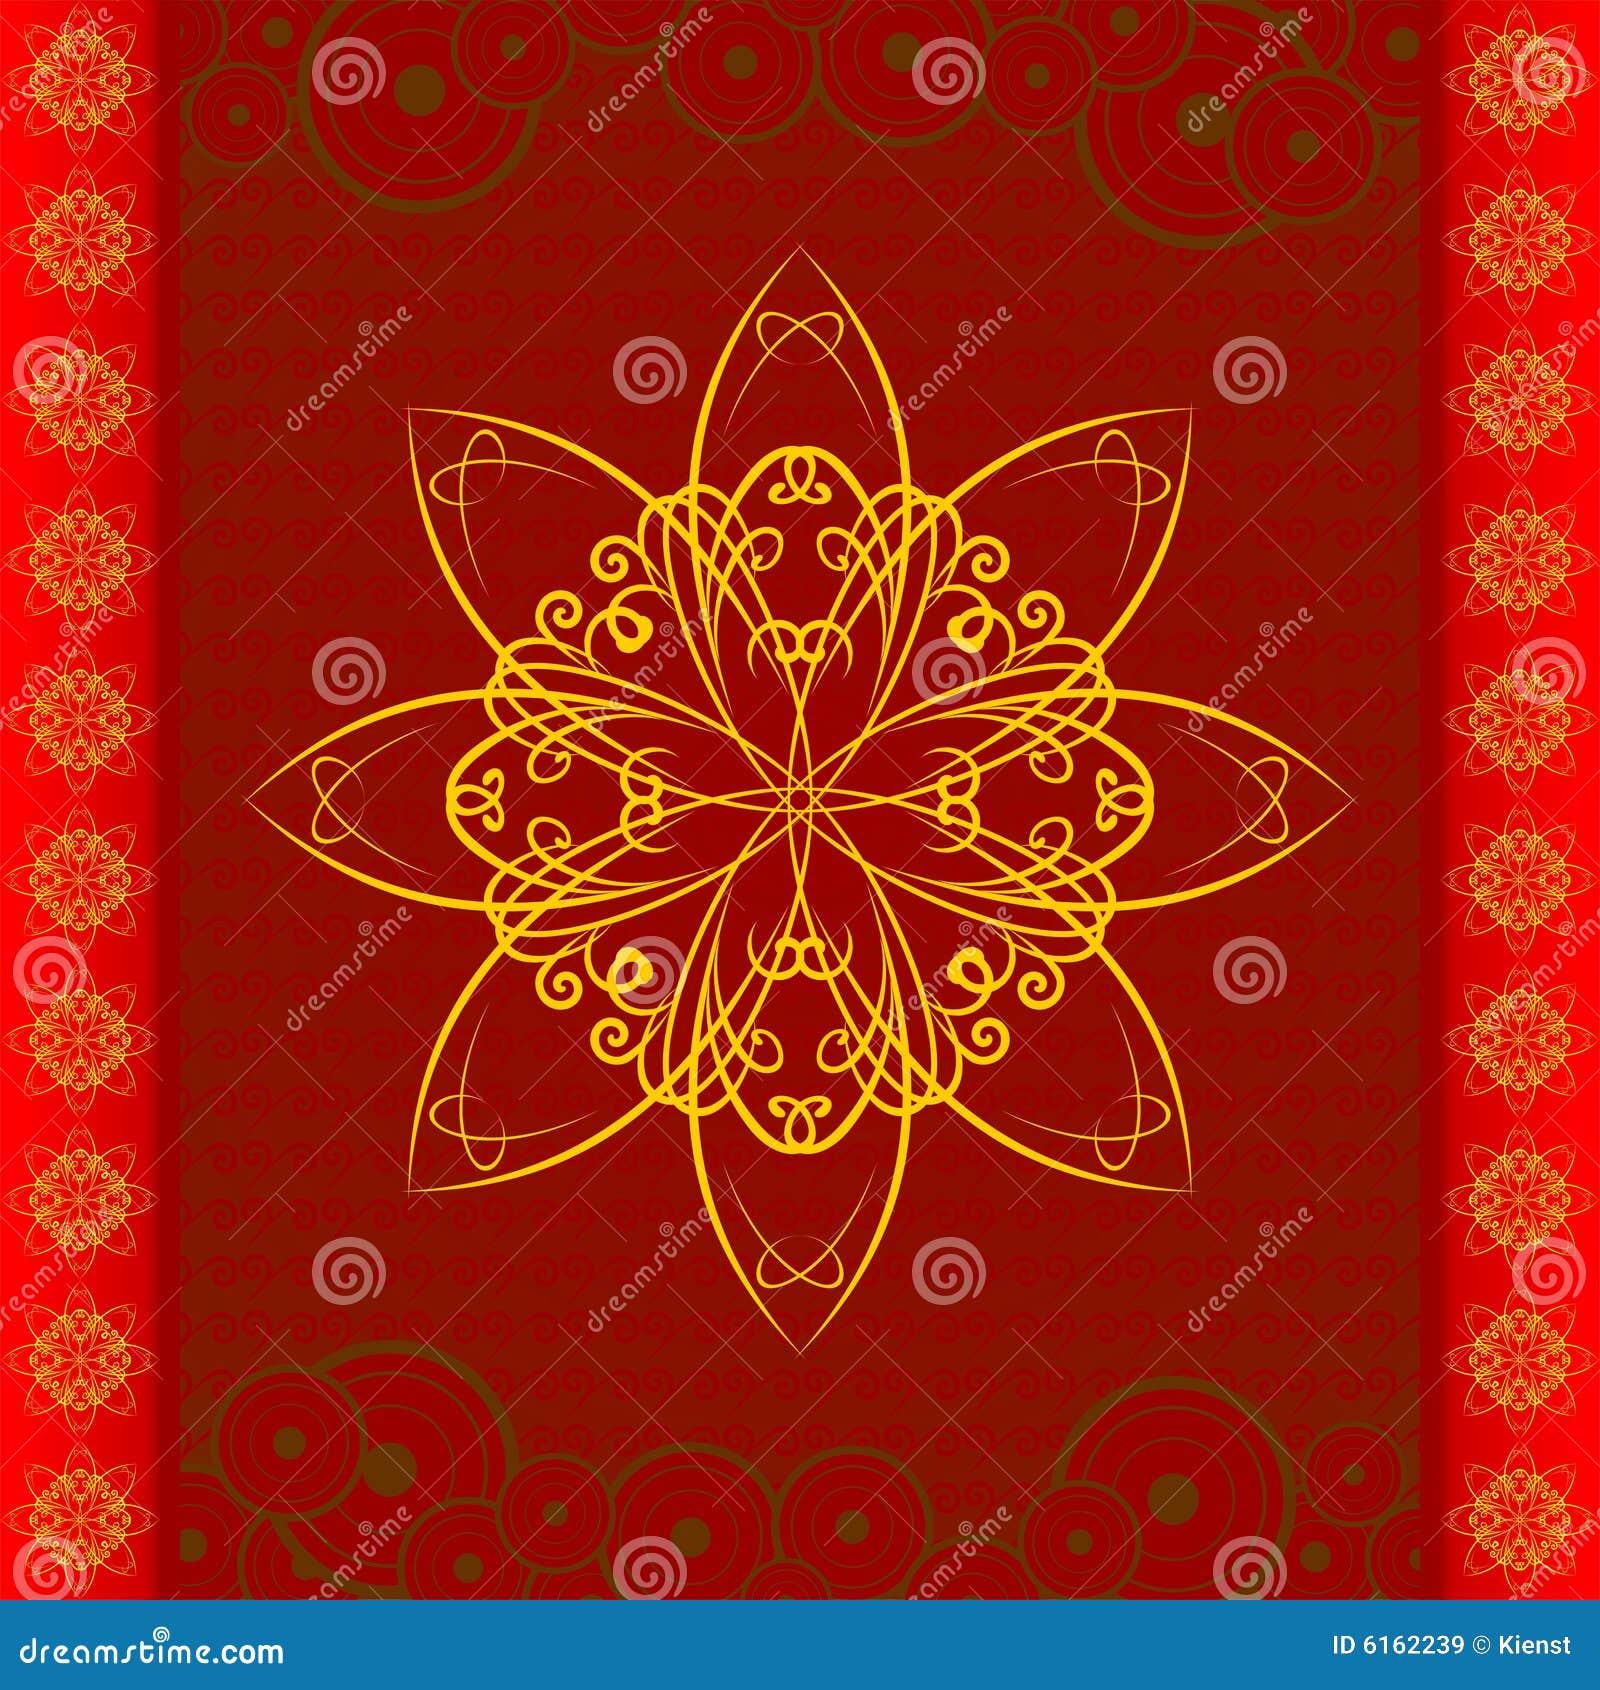 orientalisches blumenmuster lizenzfreie stockbilder bild 6162239. Black Bedroom Furniture Sets. Home Design Ideas